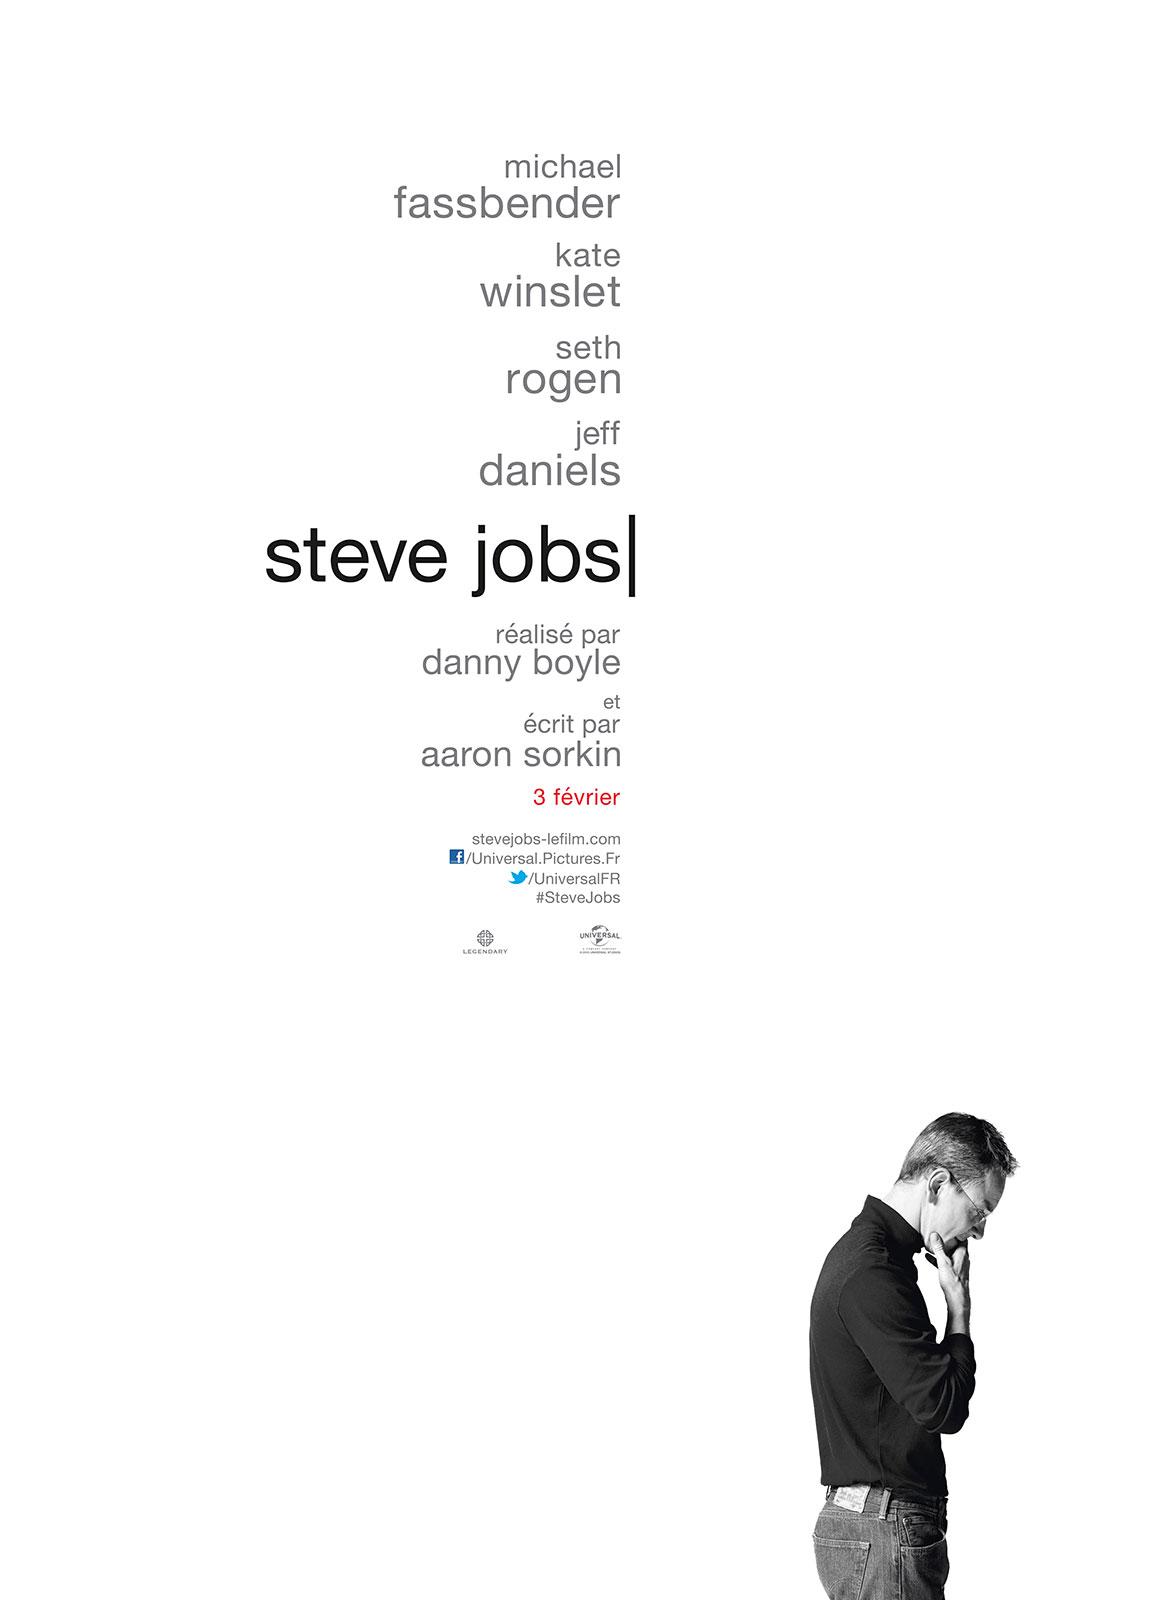 Steve Jobs ddl